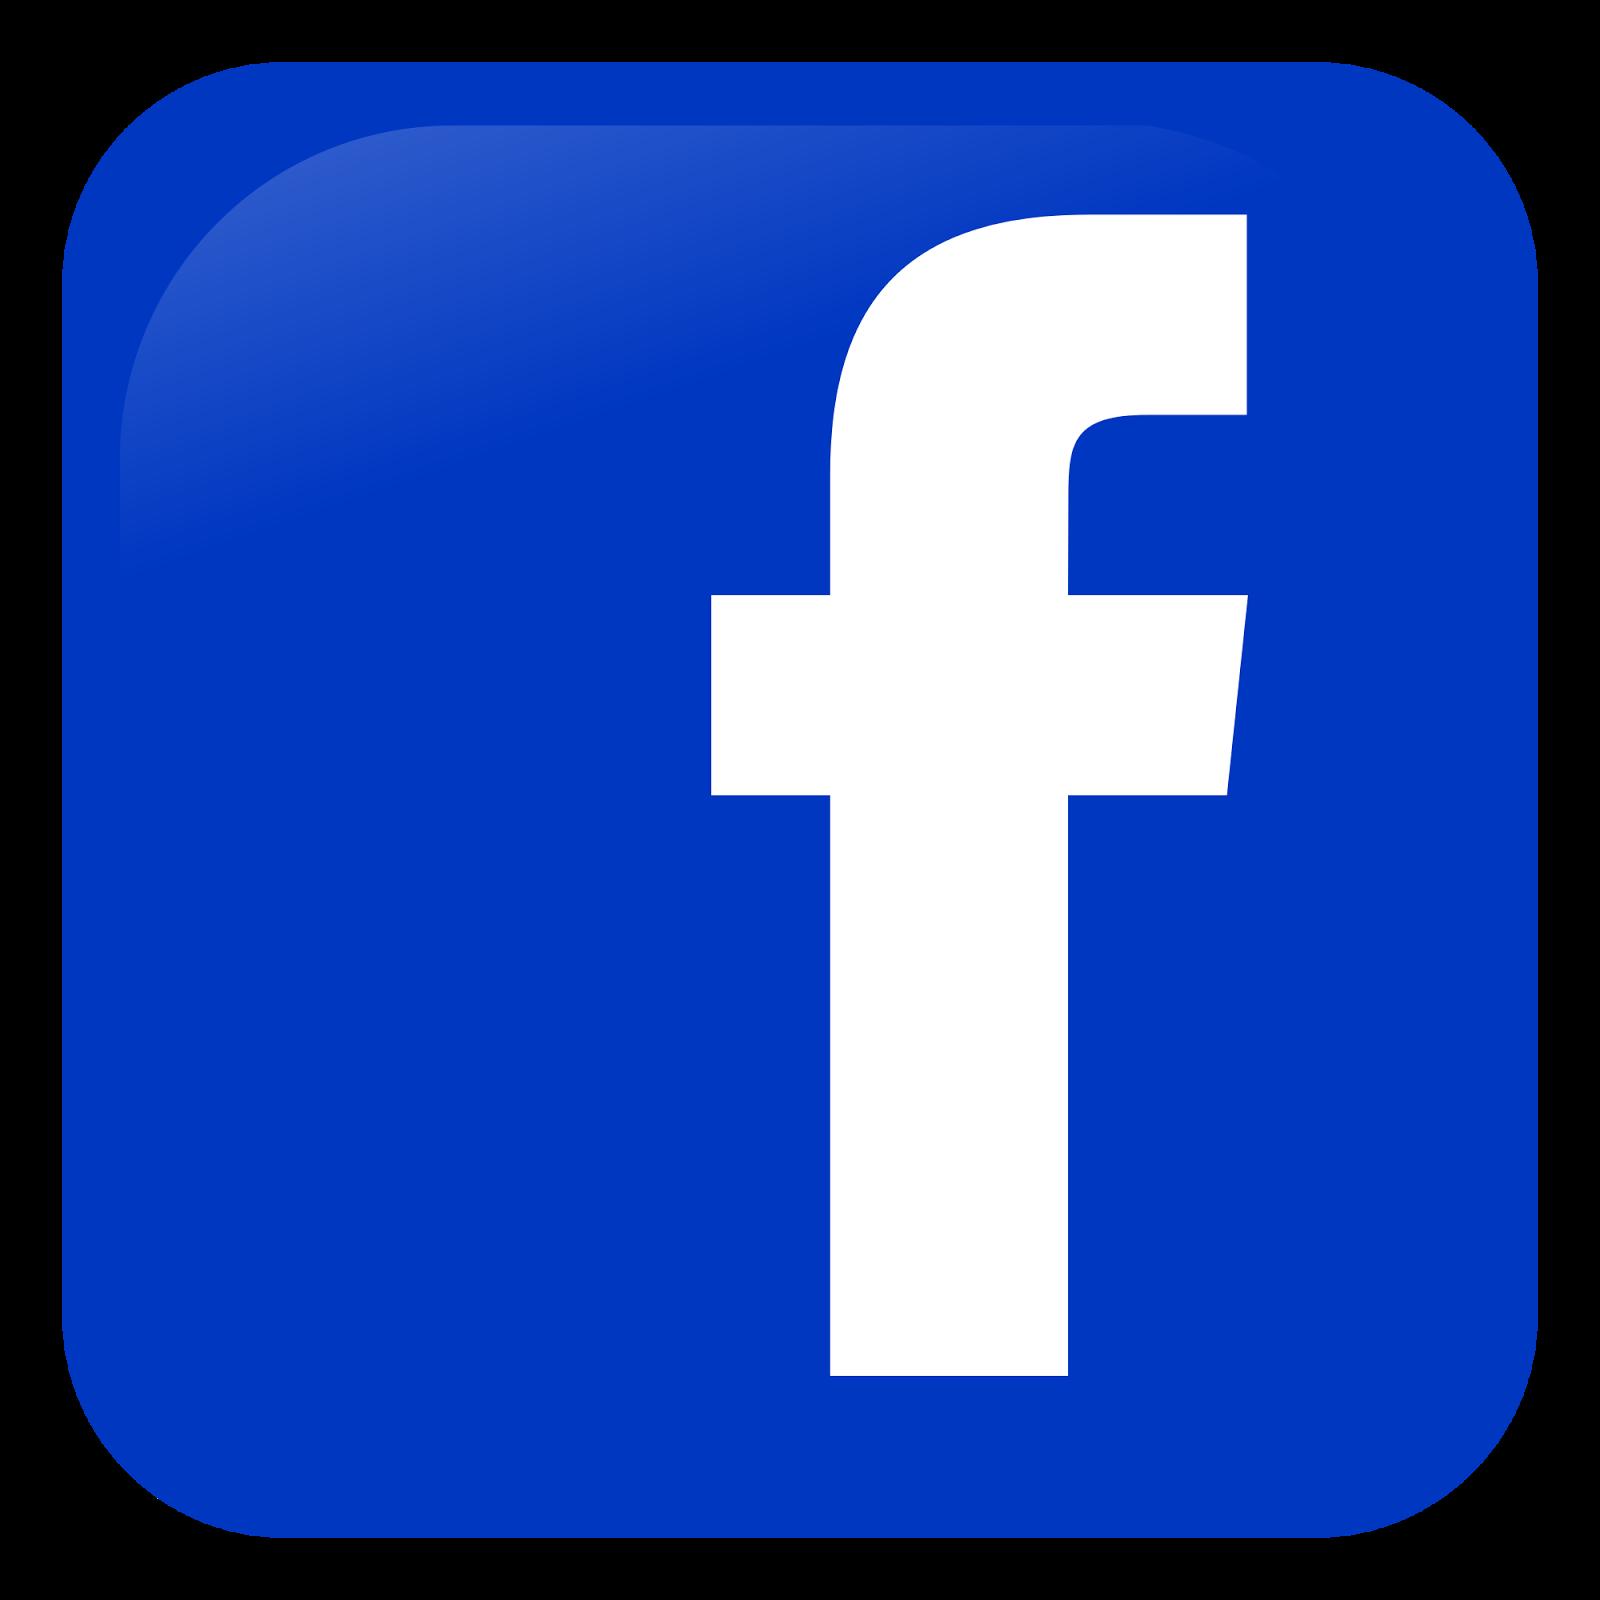 نتيجة بحث الصور عن الفيس بوك